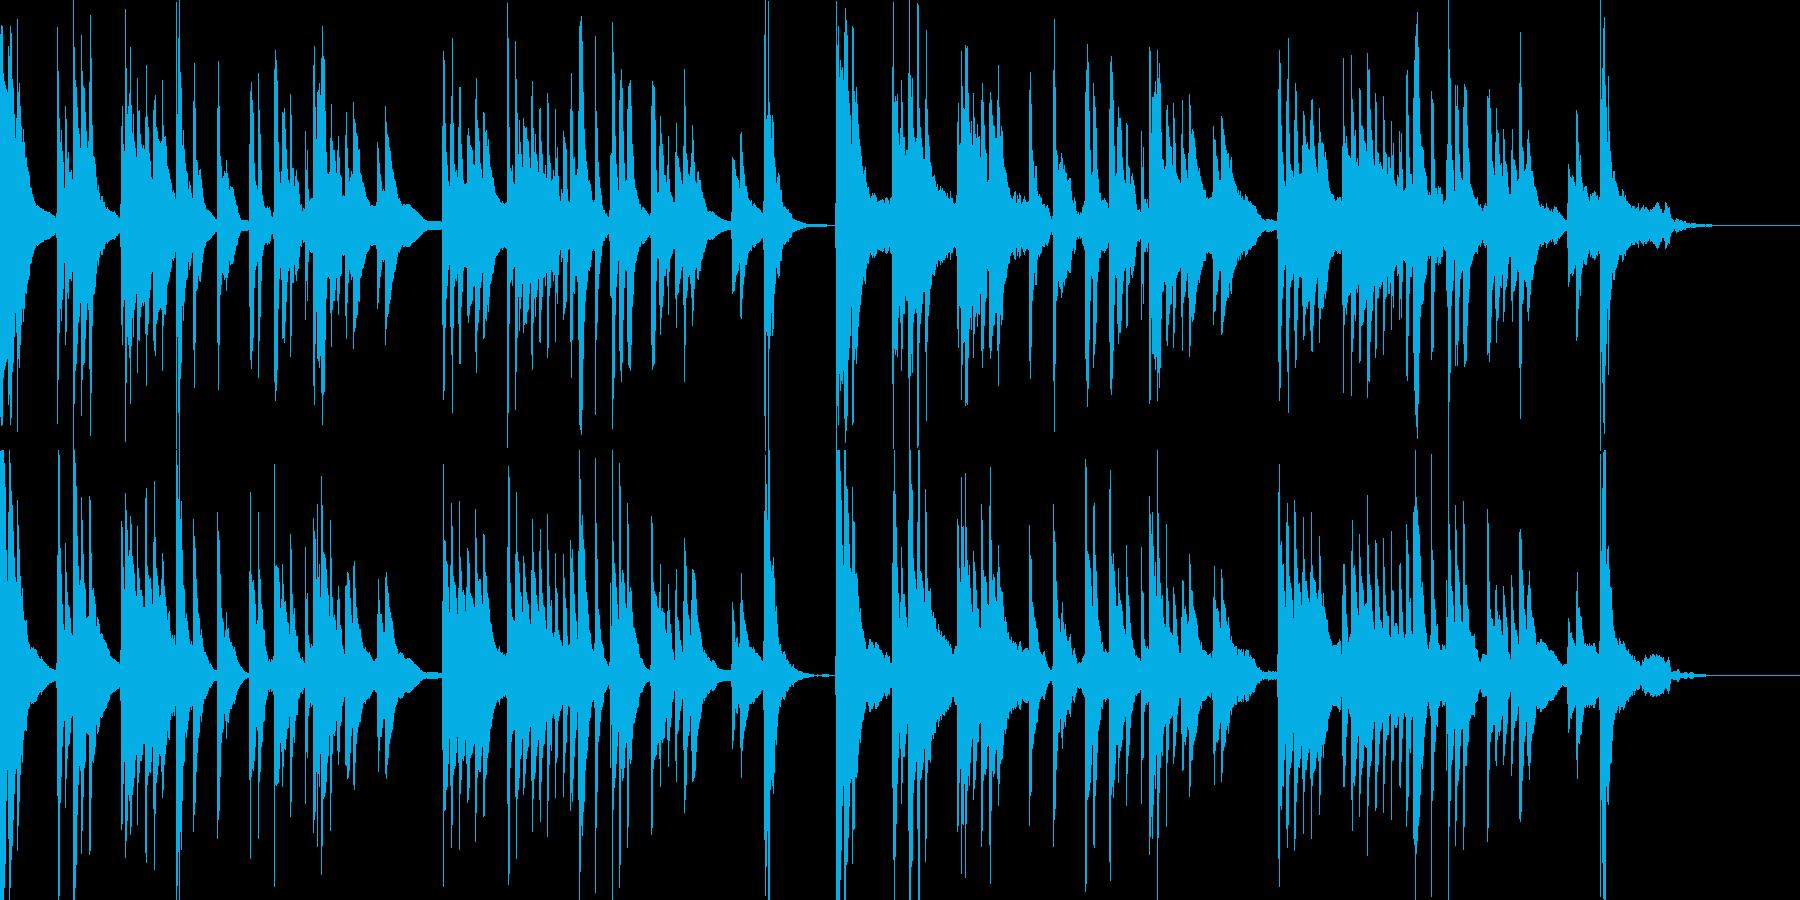 和風 琴のシンプルなしらべ 鬼滅的回想等の再生済みの波形